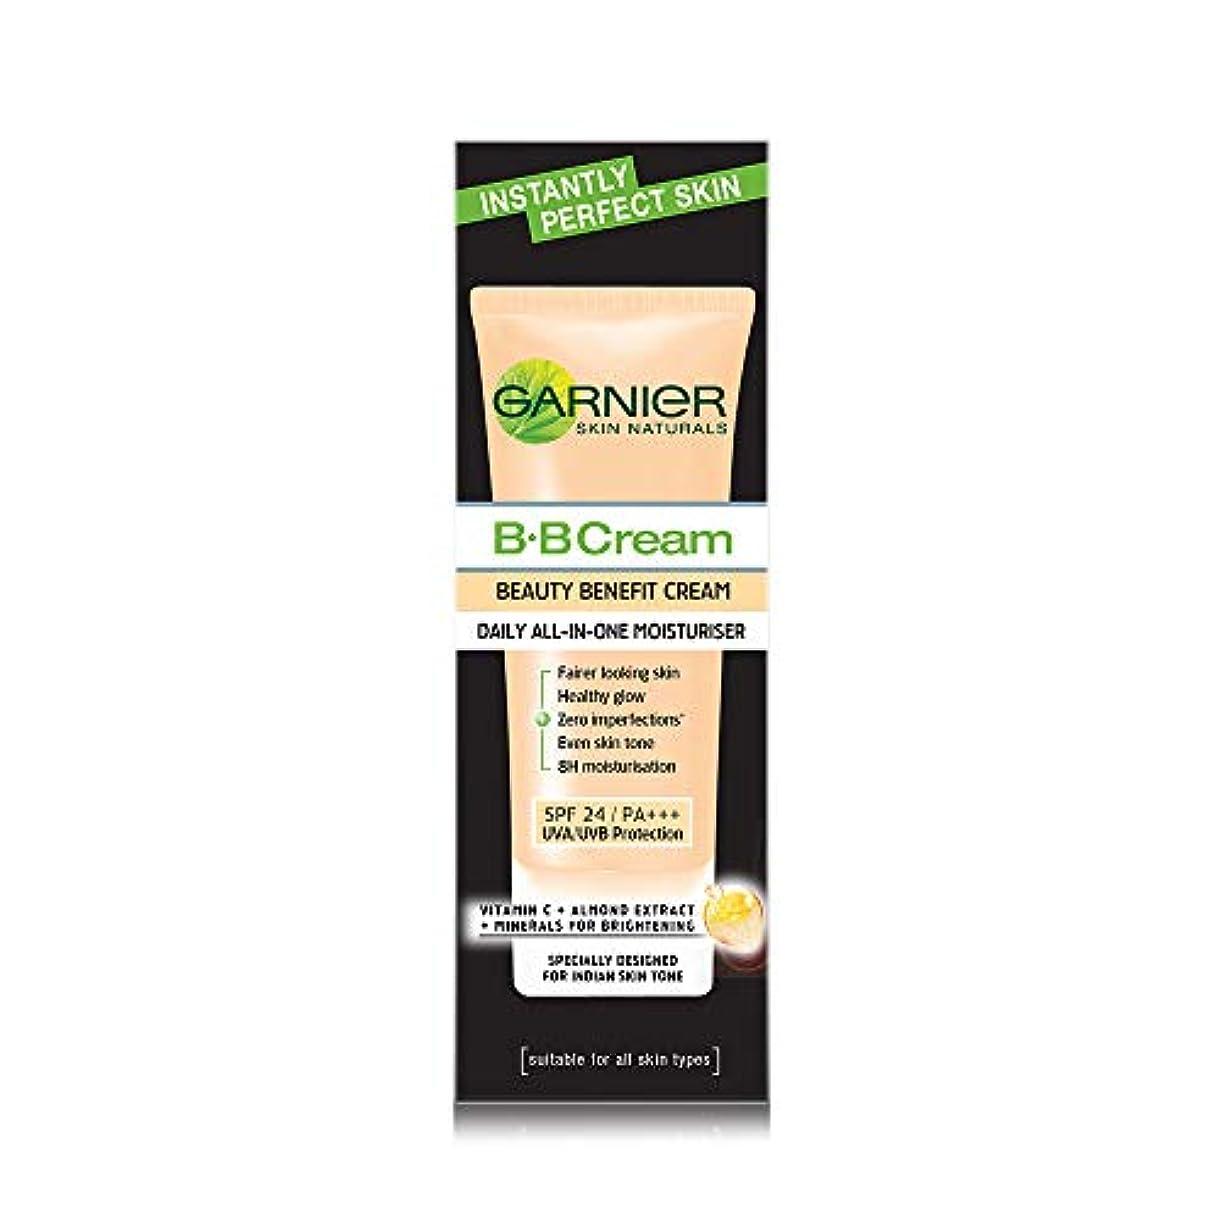 絶え間ないポジション王朝Garnier Skin Naturals Instantly Perfect Skin Perfector BB Cream, 30g